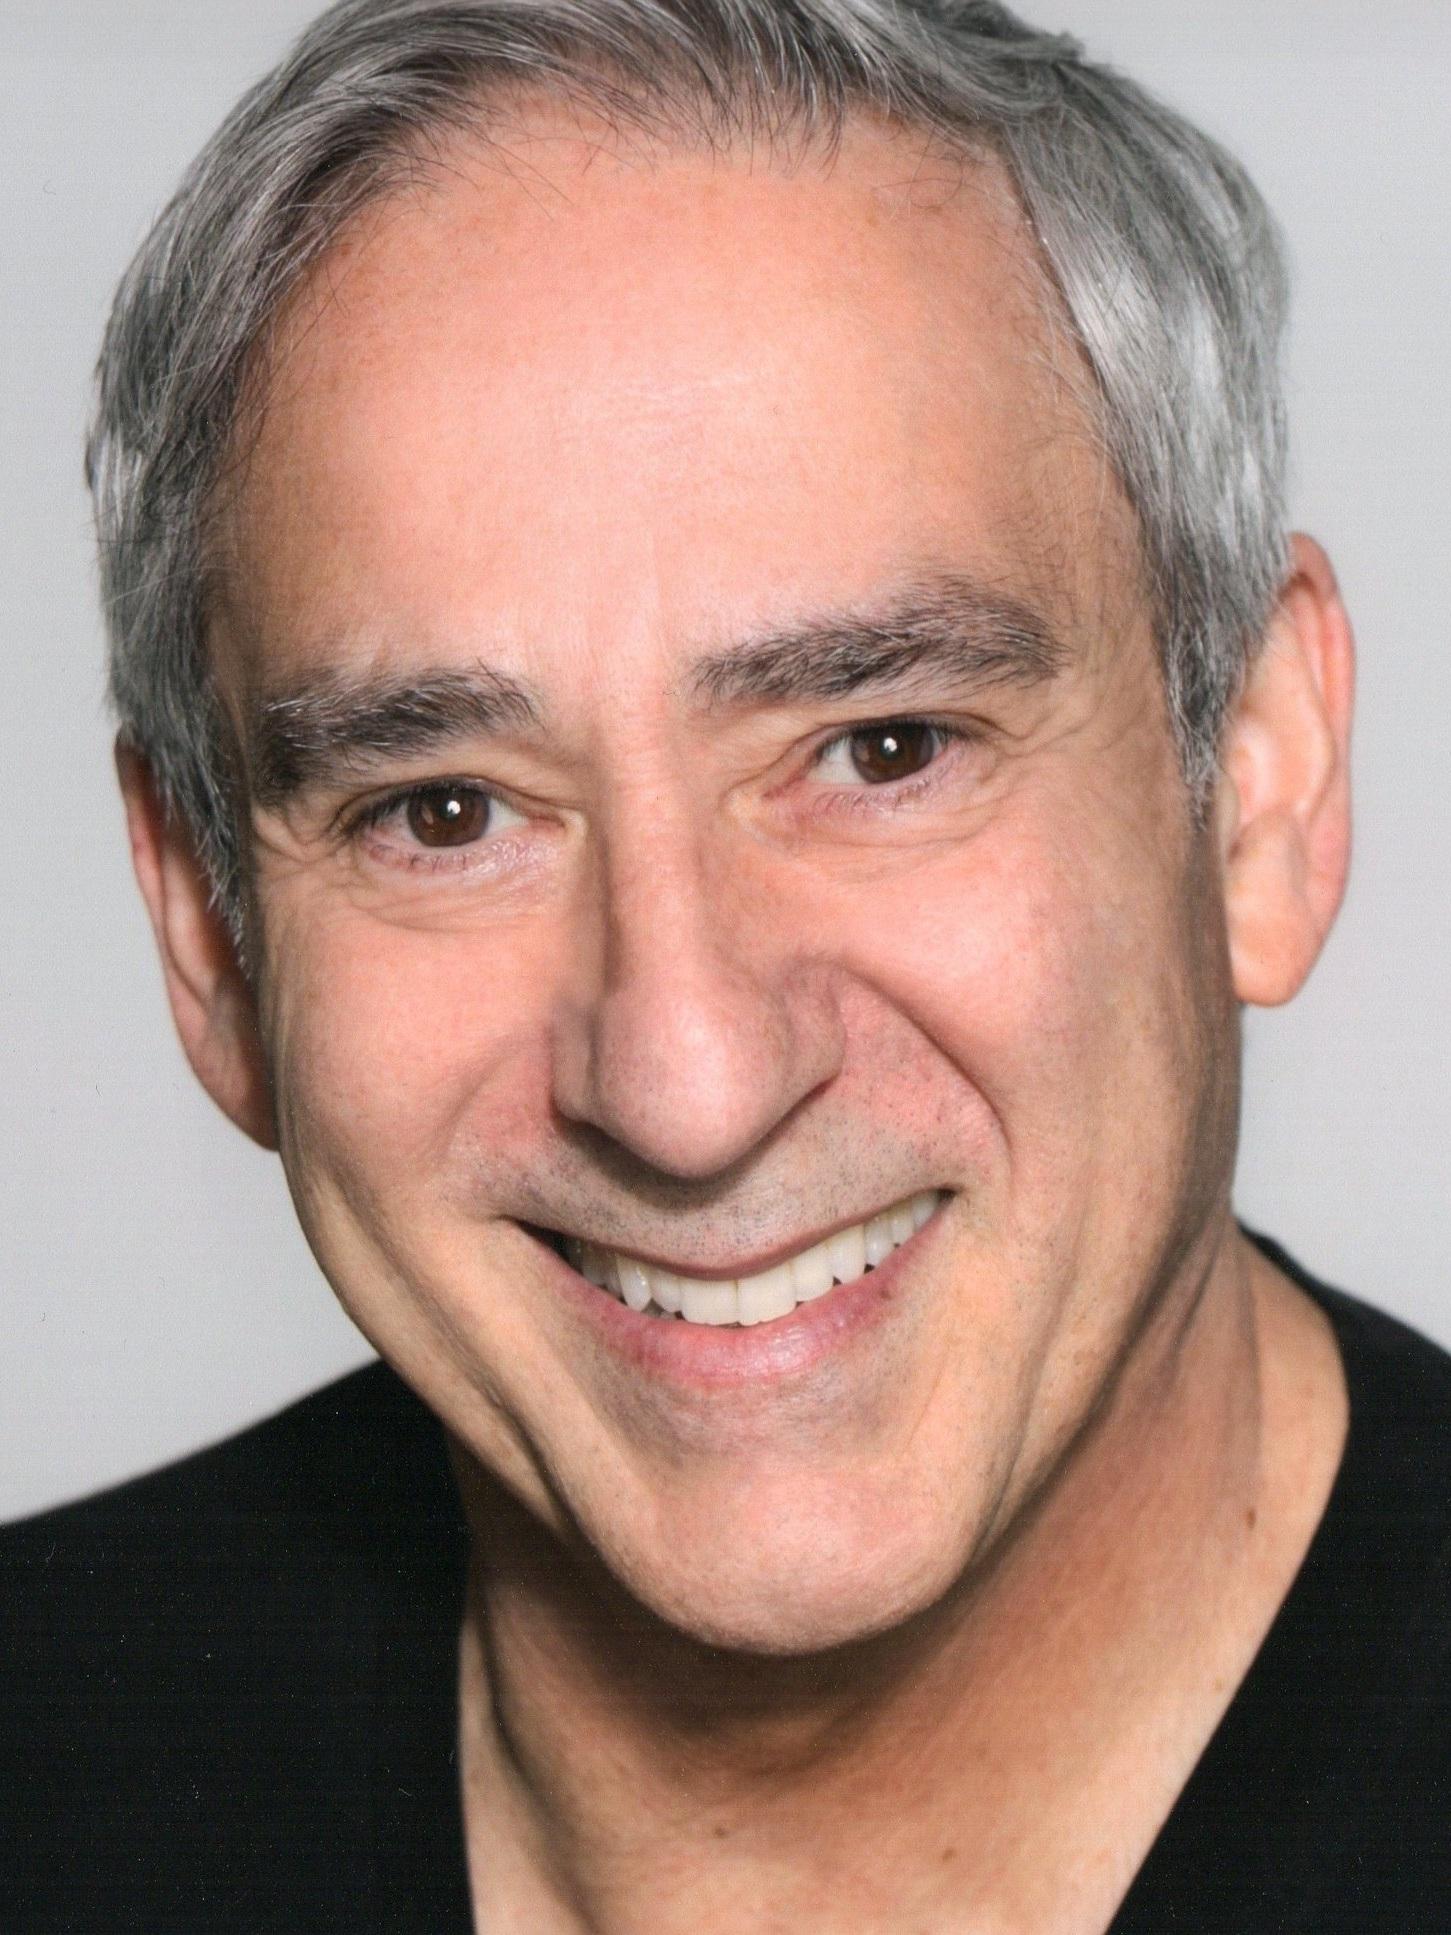 Robert Dorfman, Director